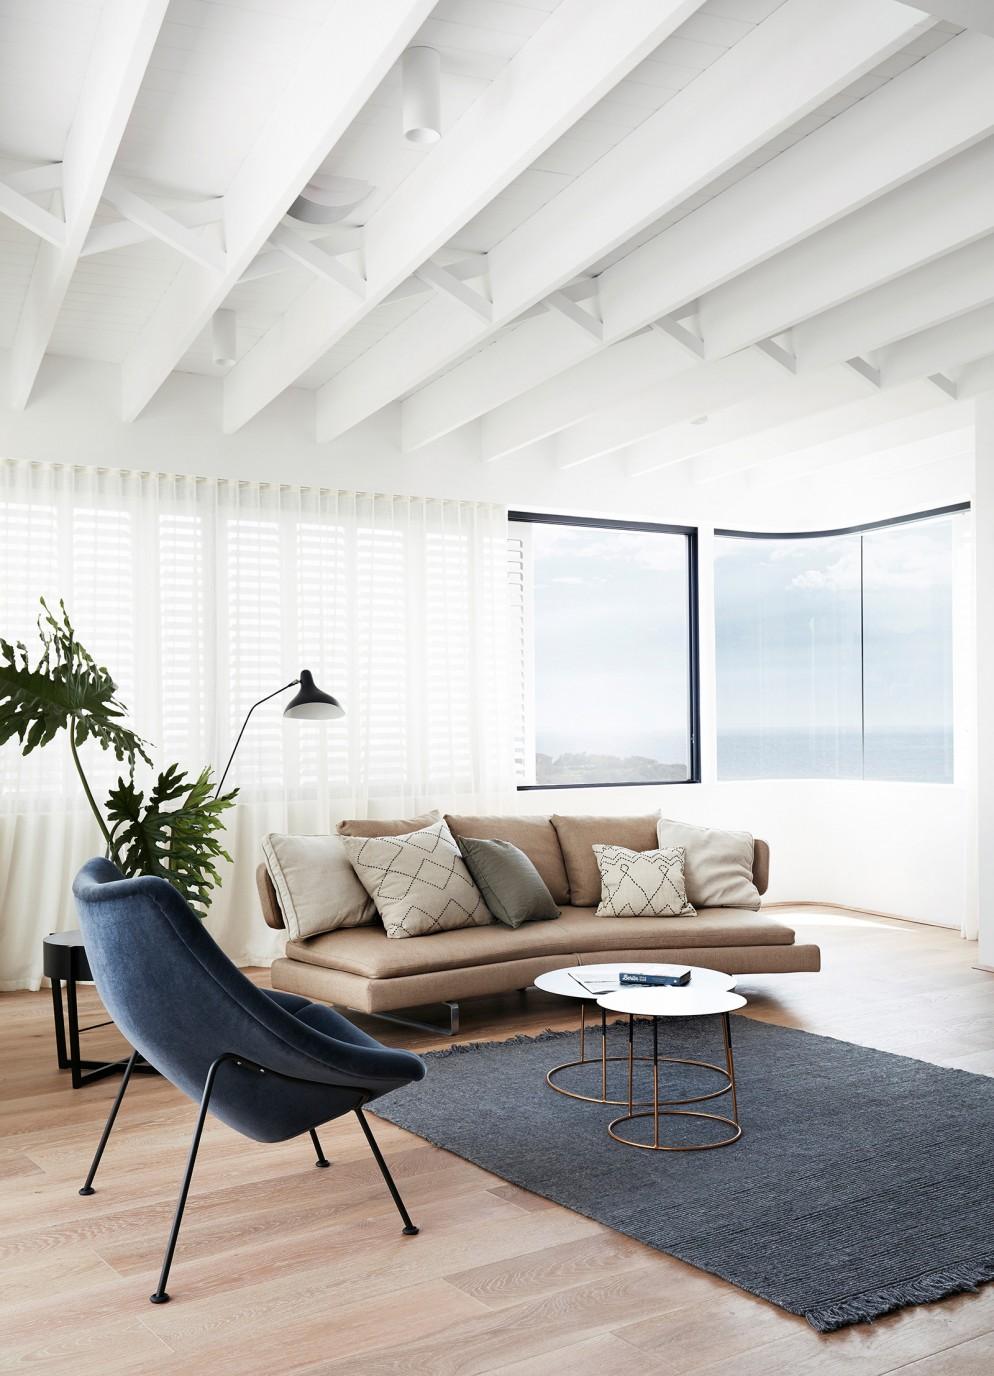 soggiorno moderno immagini bianco legno (10)